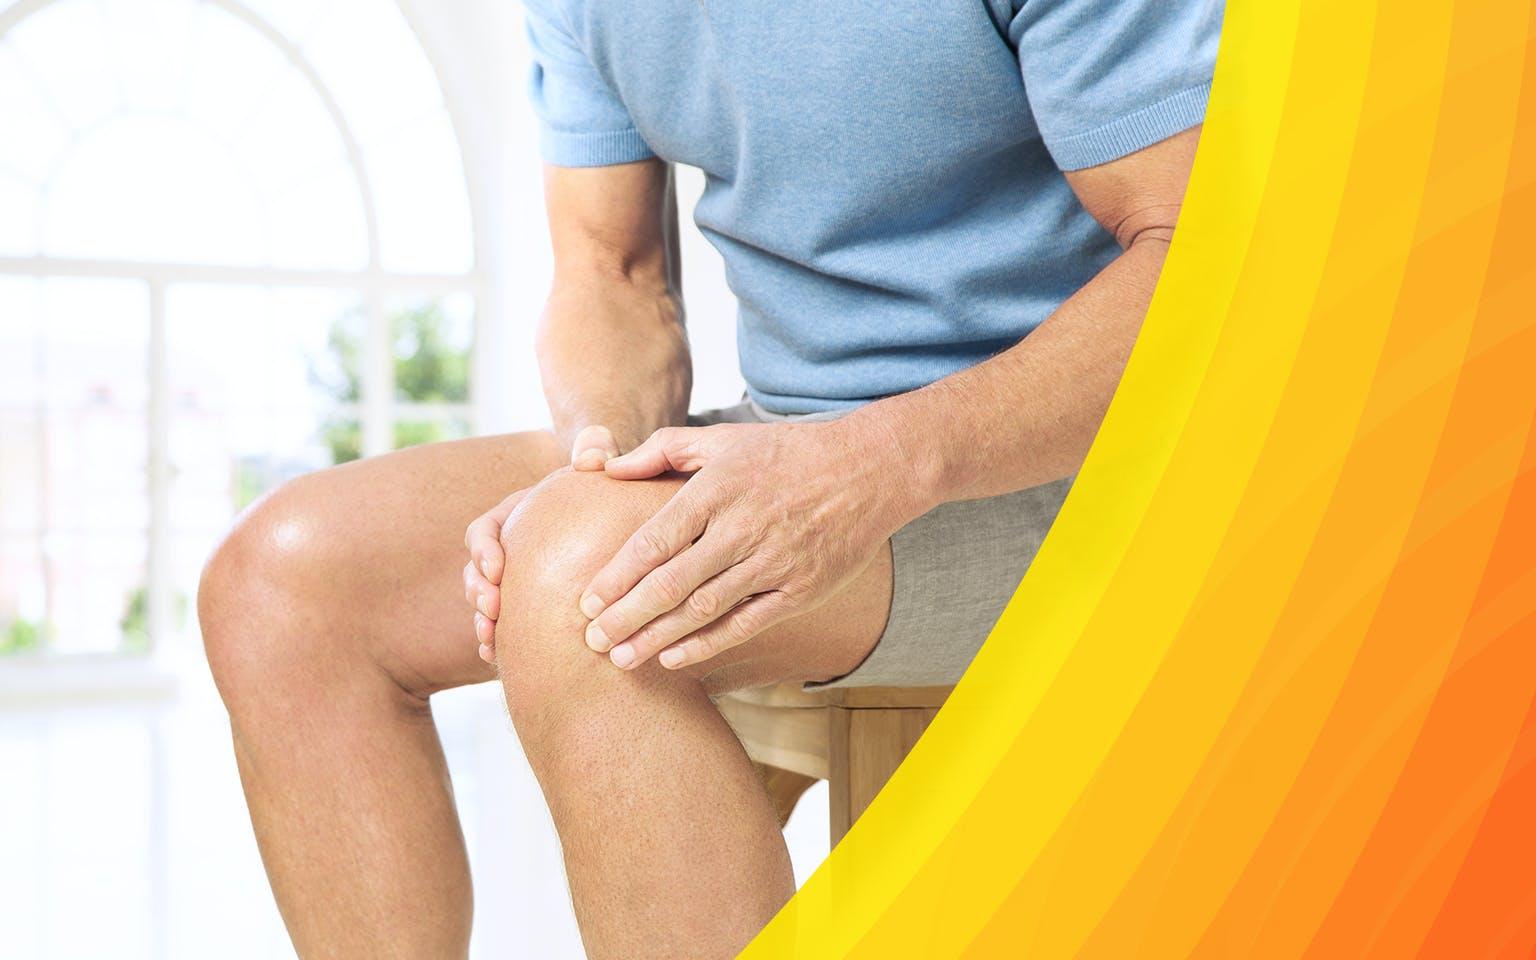 skauda peties sąnario arba raumenų jei į alkūnės sąnario skausmas